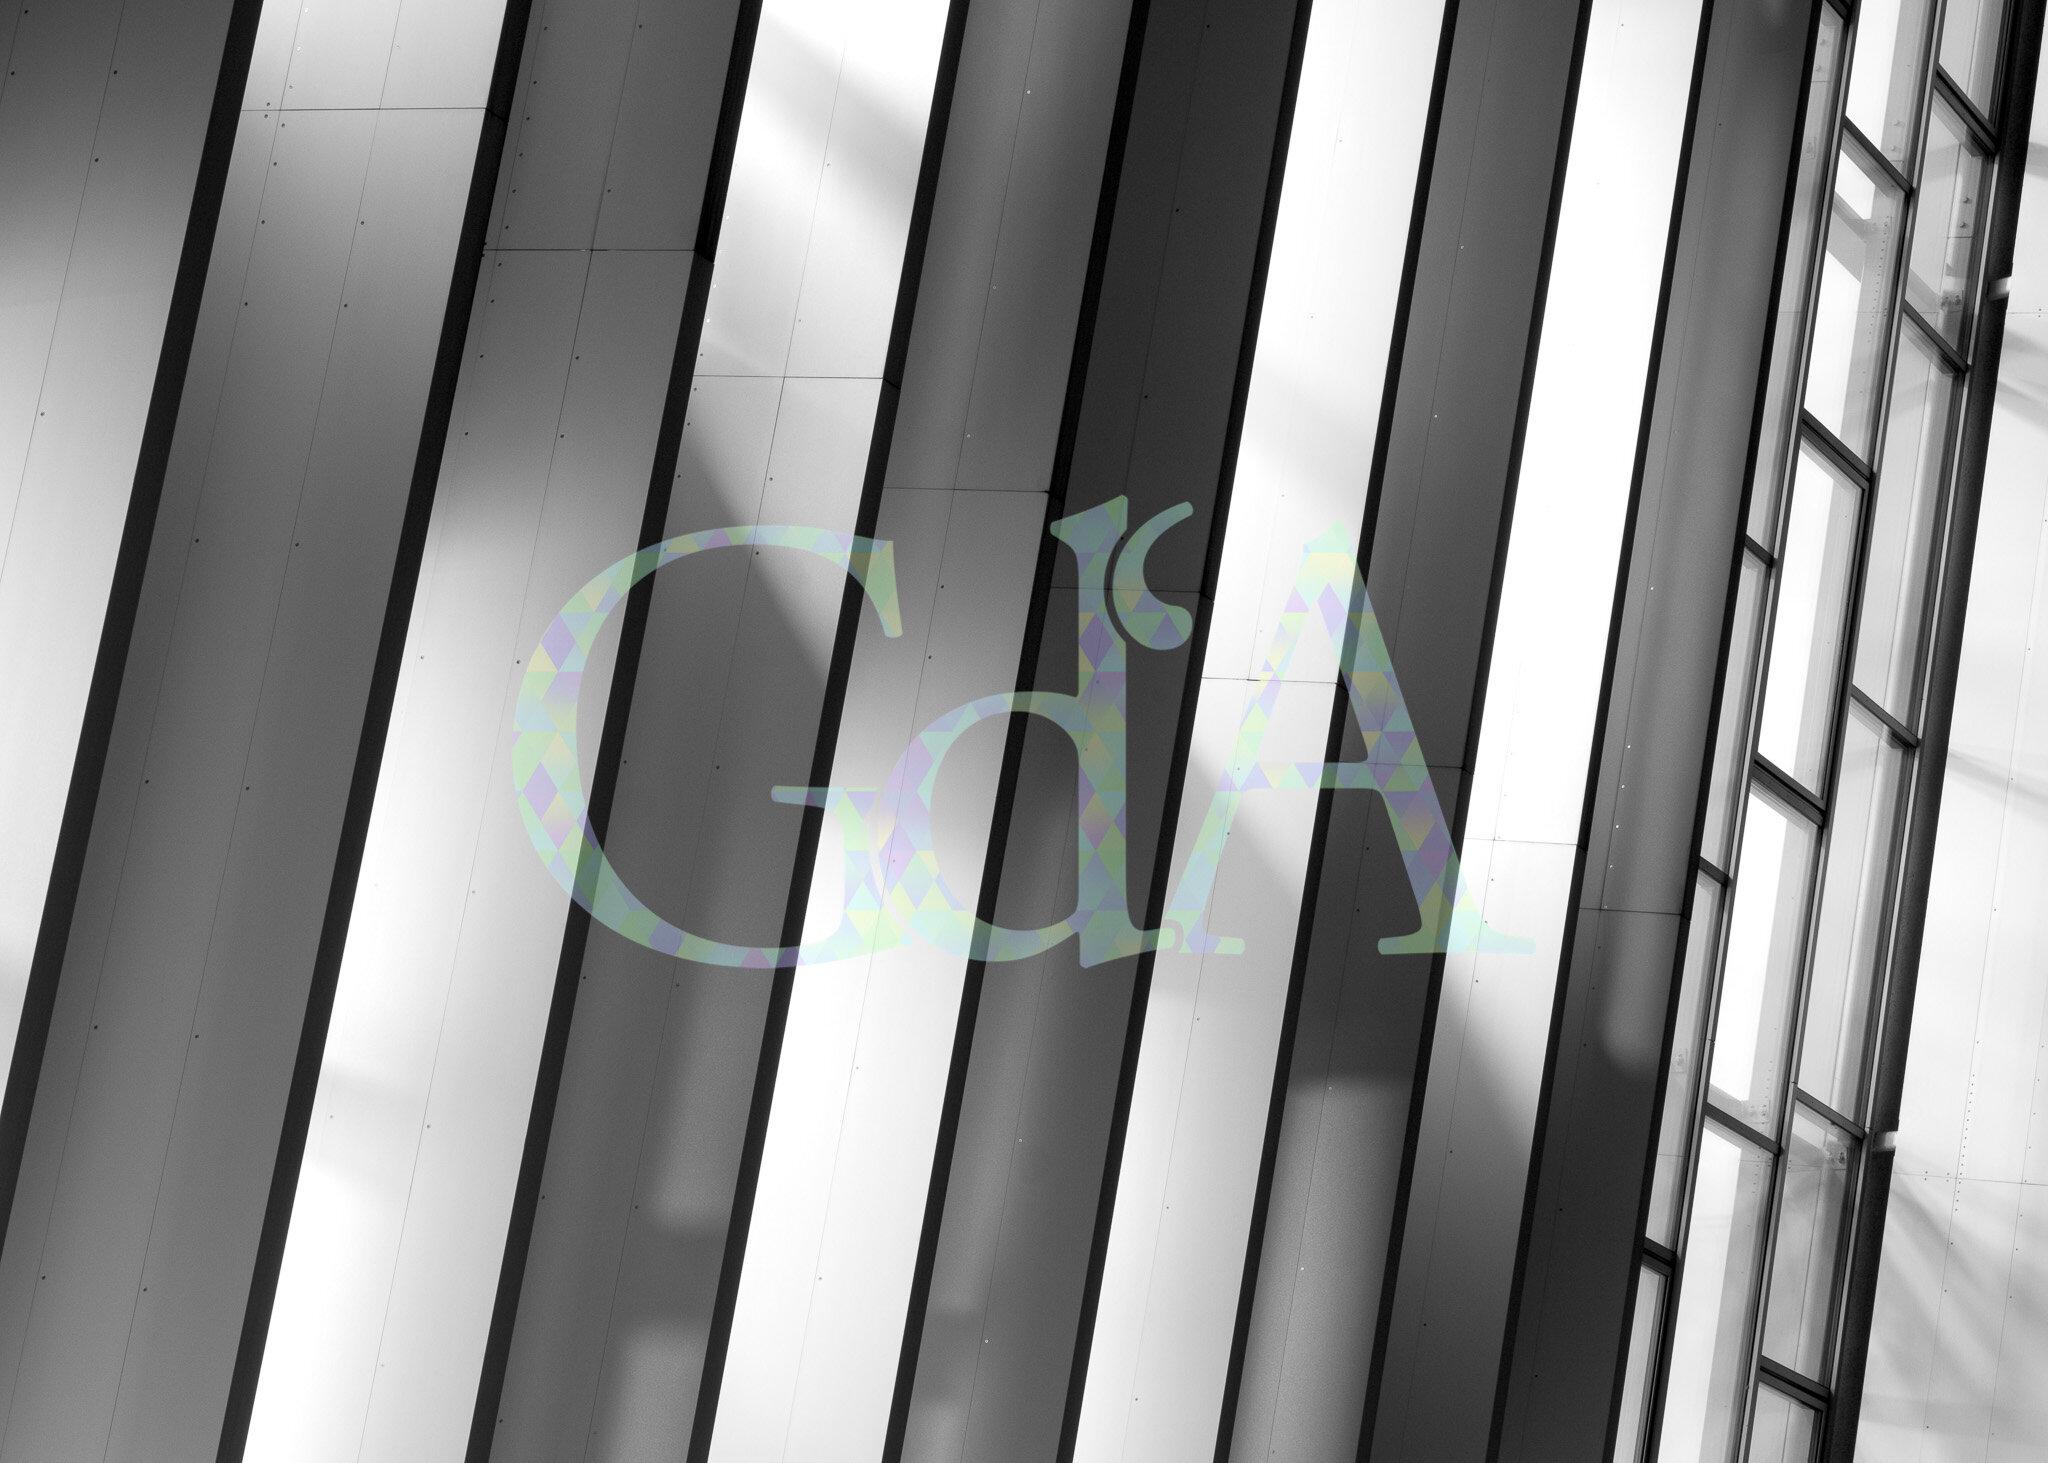 gda_gesammelte_werke-41.jpg